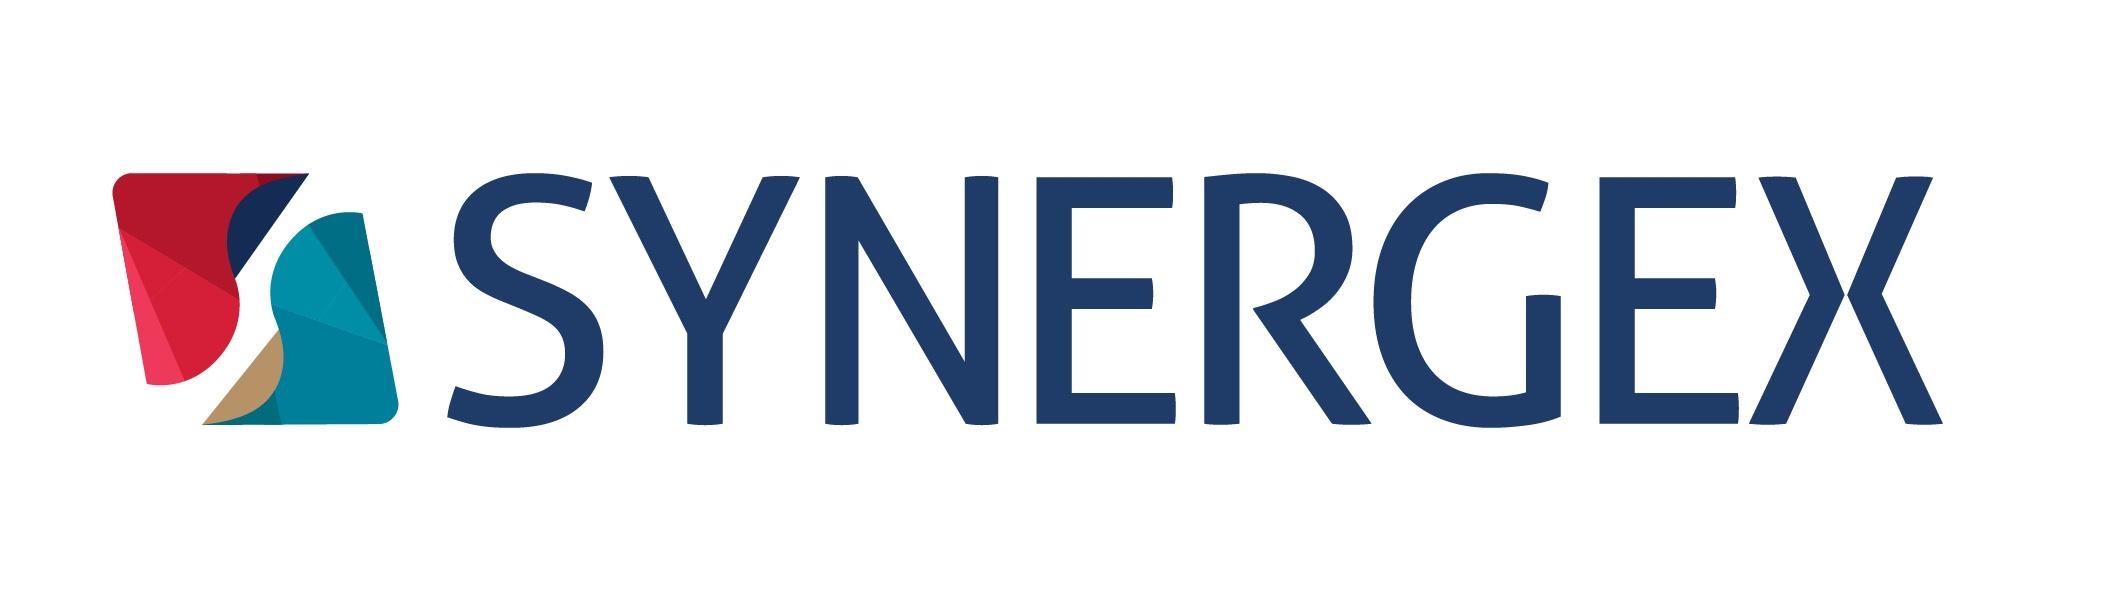 SYNERGEX Logo WEB RGB.jpg